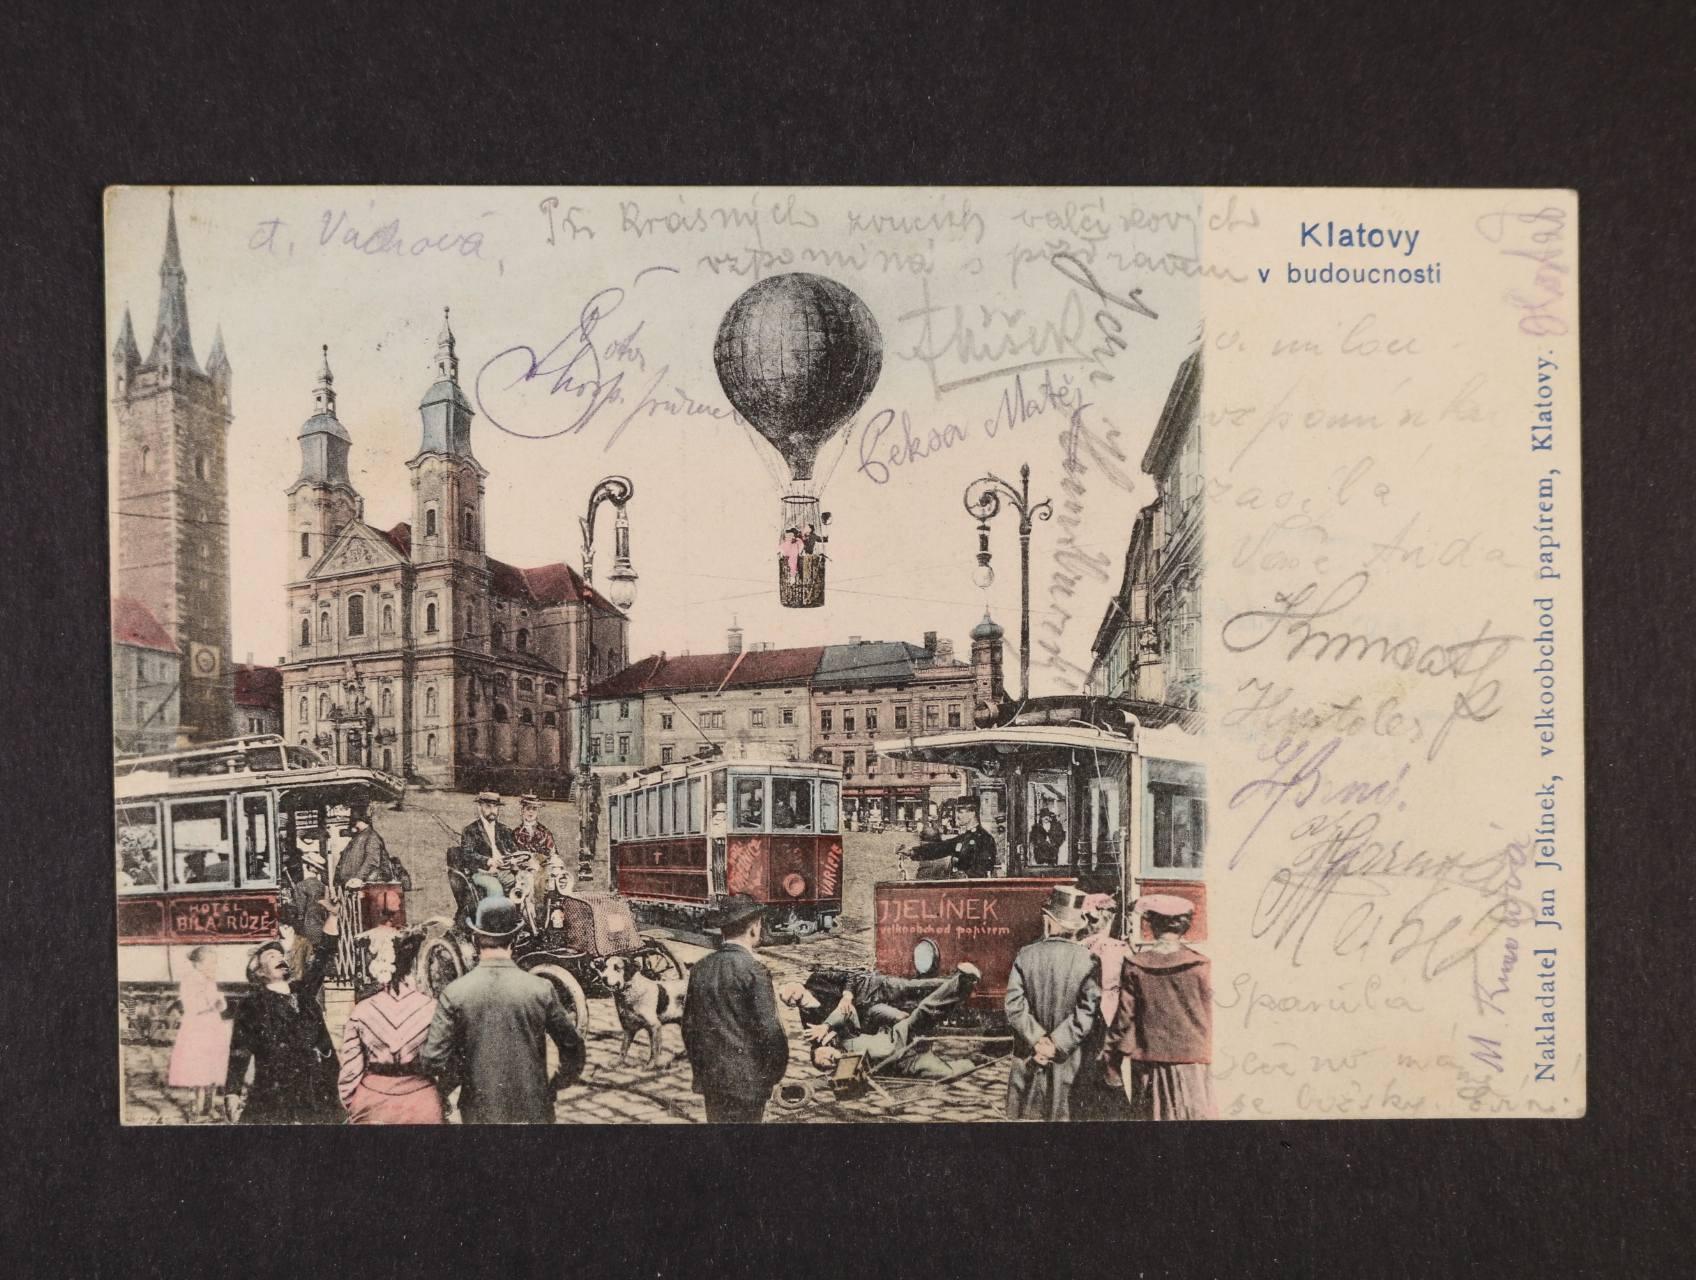 Klatovy - bar. litograf. koláž, dl. adresa, použitá 1904